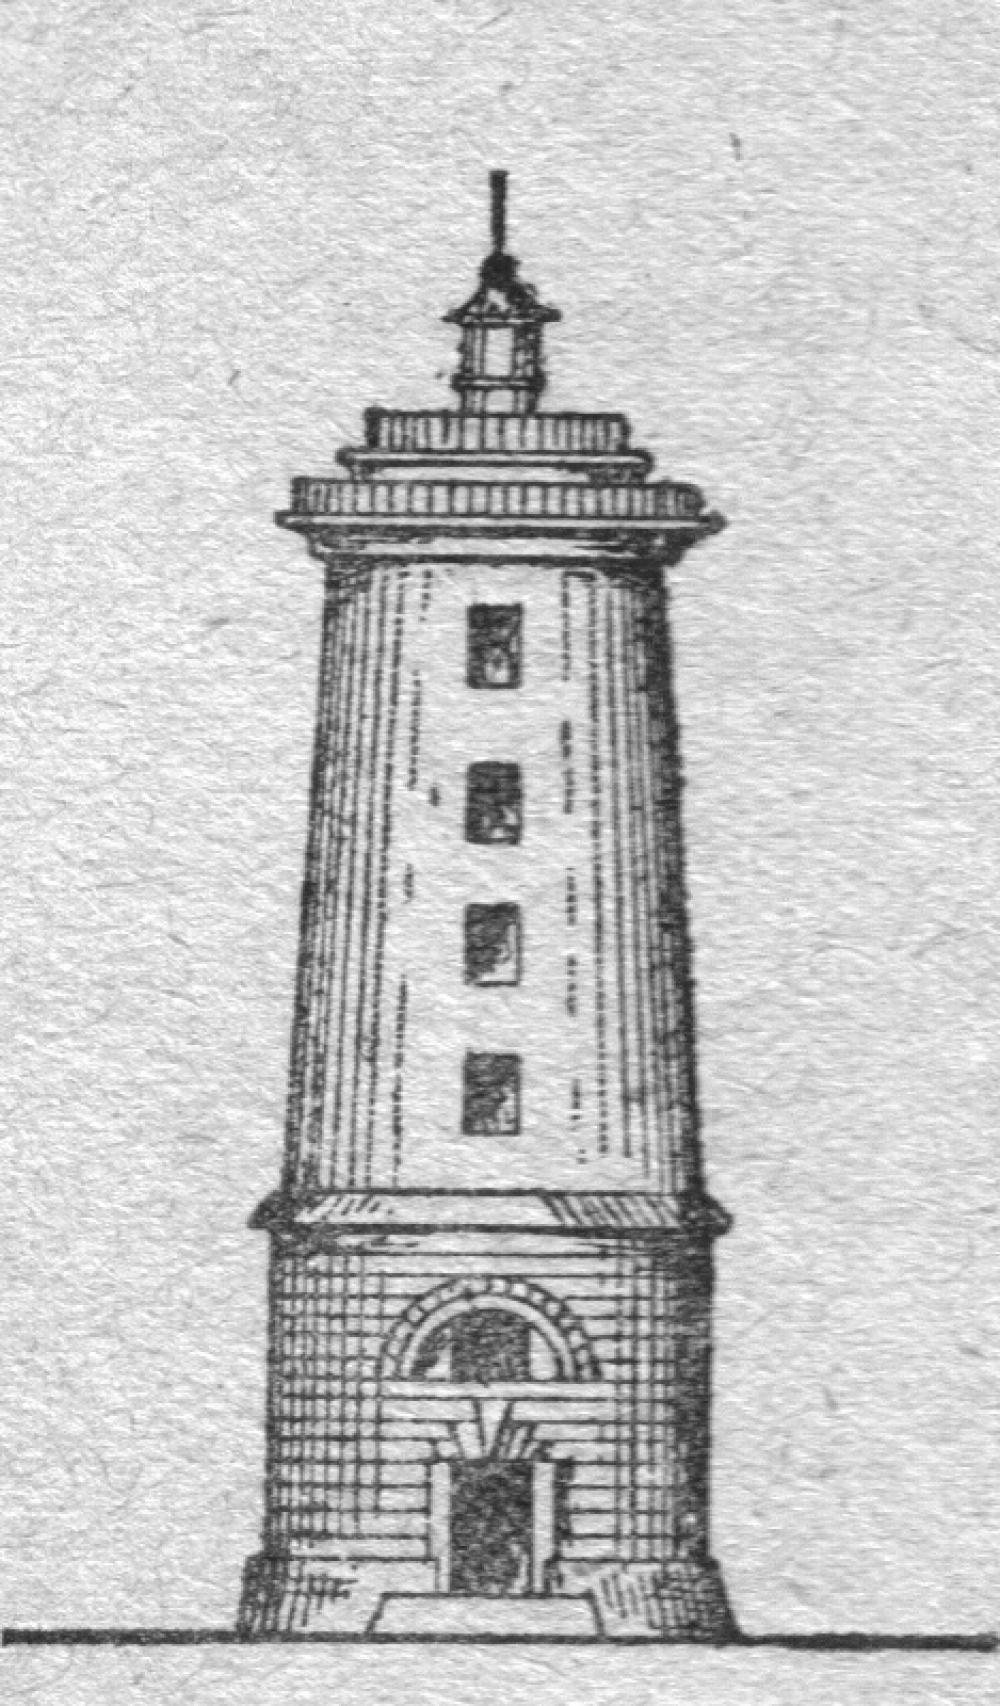 Чертёж маяка на острове Мудьюг. Источник фото: https://ekb.aonb.ru/index.php?id=2992.